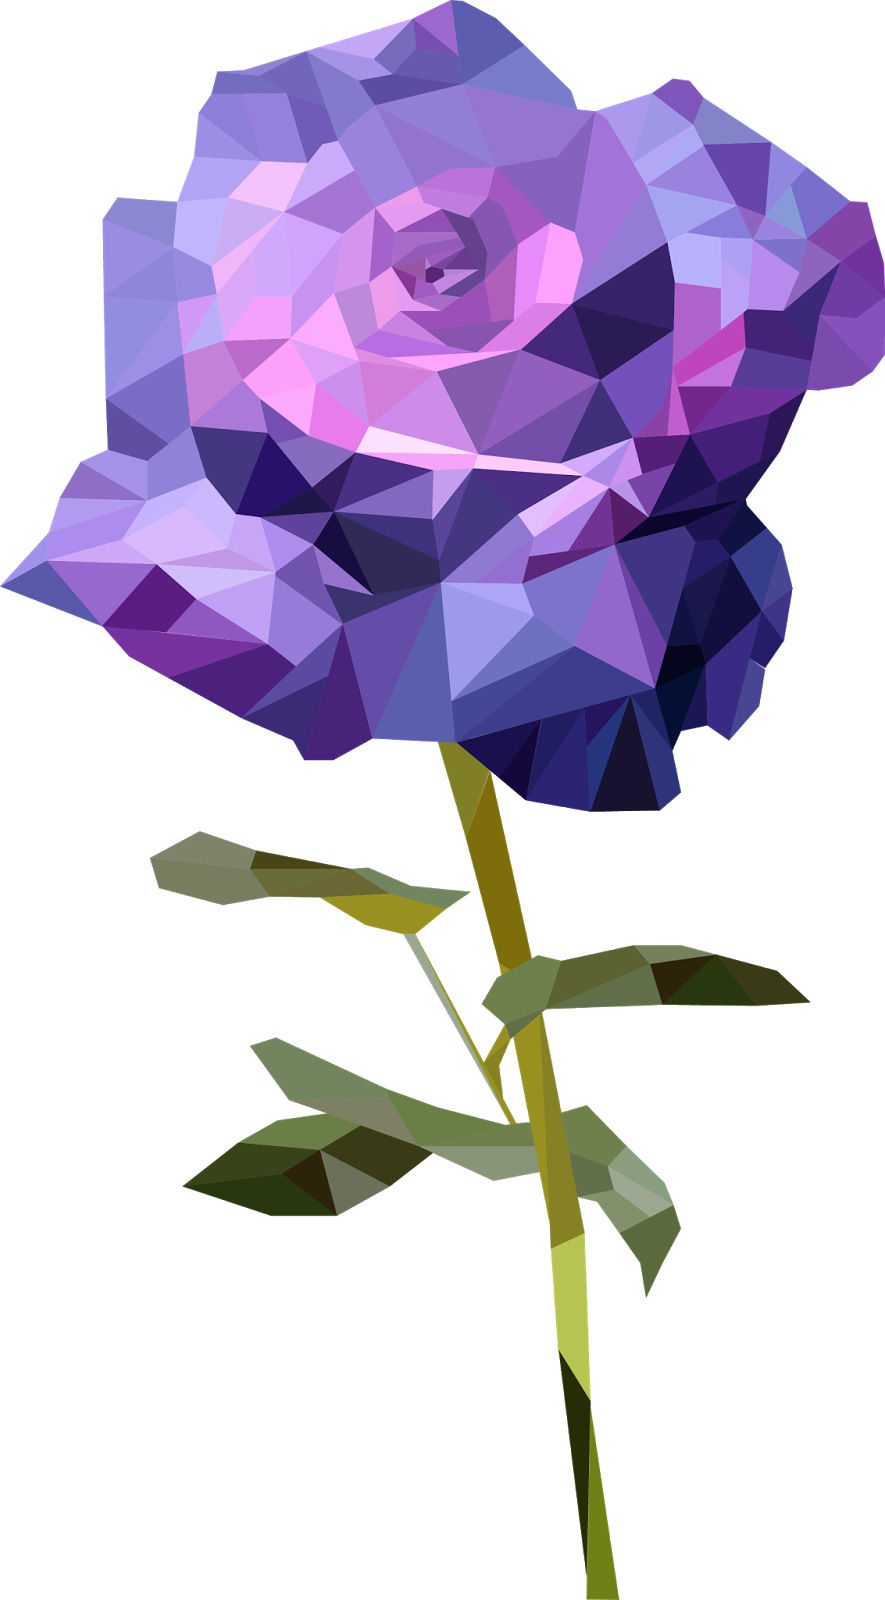 Lavender clipart lavender rose. Image png animal jam